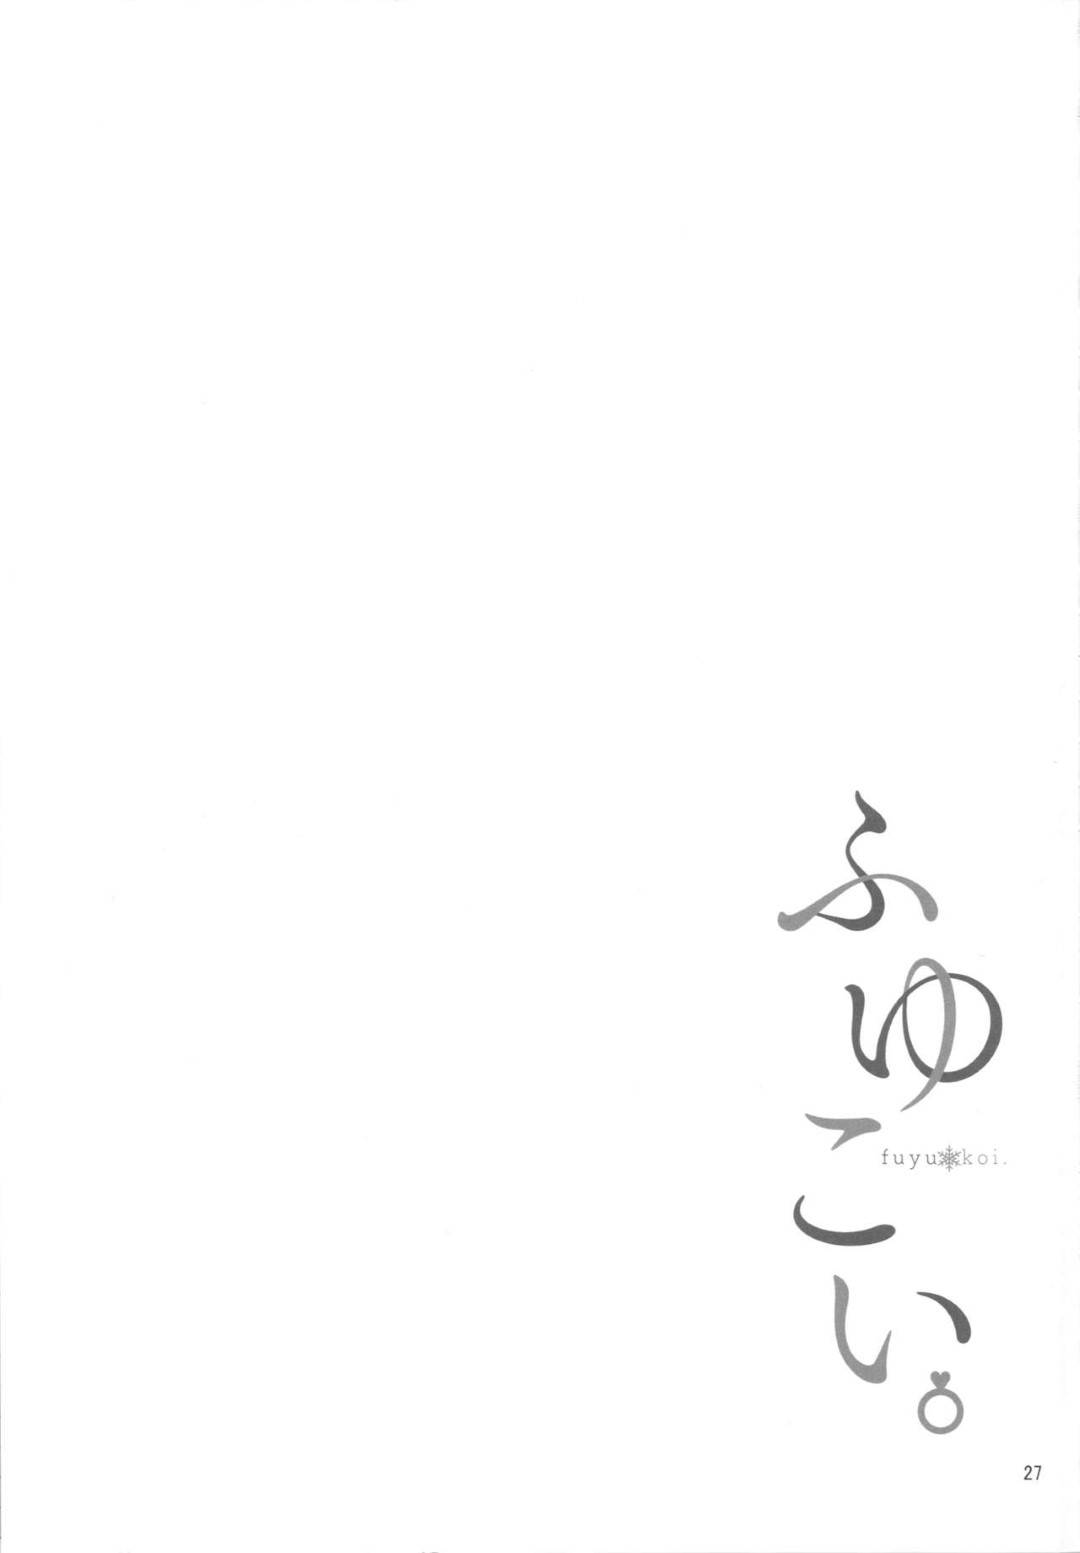 【エロ同人誌】仲間とプロデューサーの関係性に嫉妬するアイドル優子…Pを独占するために襲い込みフェラして生挿入させてのイチャラブSEXでPと関係を結ぶことに!【雨暈郁太:ふゆこい。】